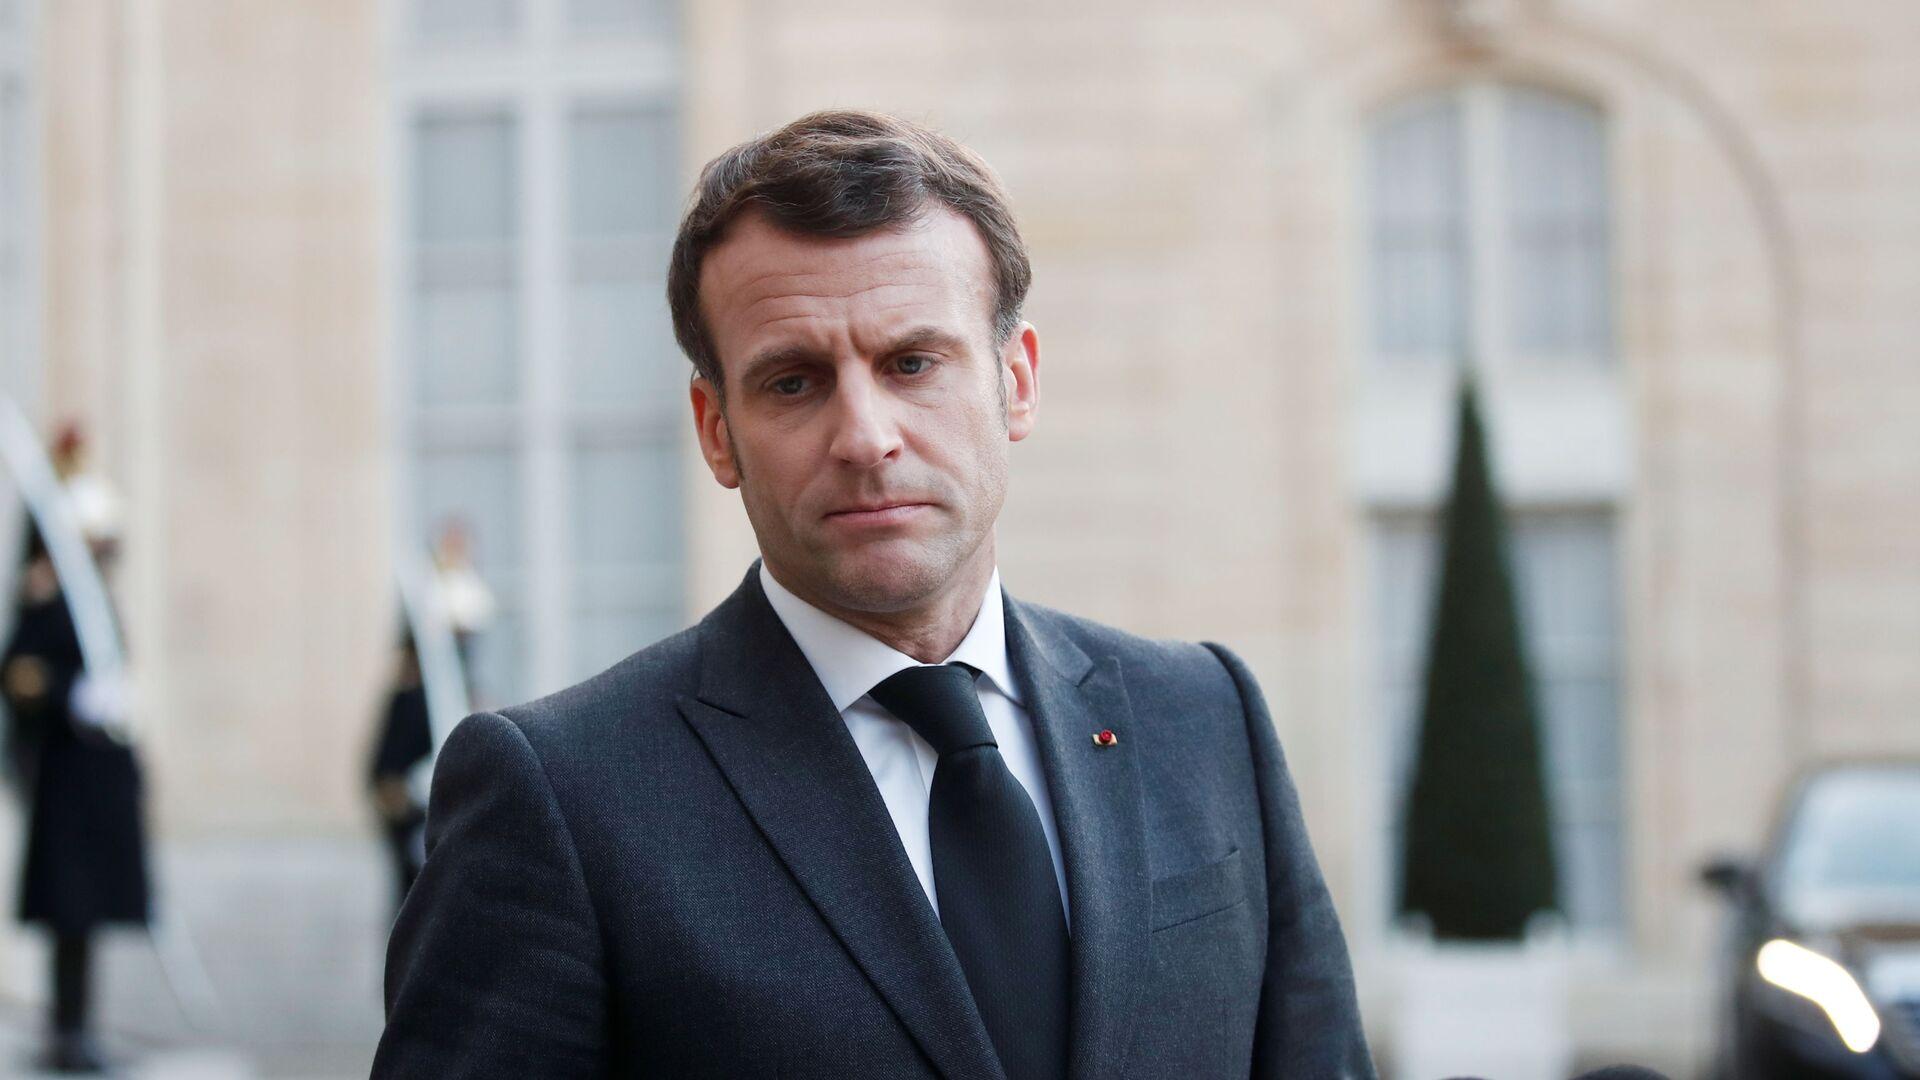 Francouzský prezident Emmanuel Macron - Sputnik Česká republika, 1920, 12.07.2021